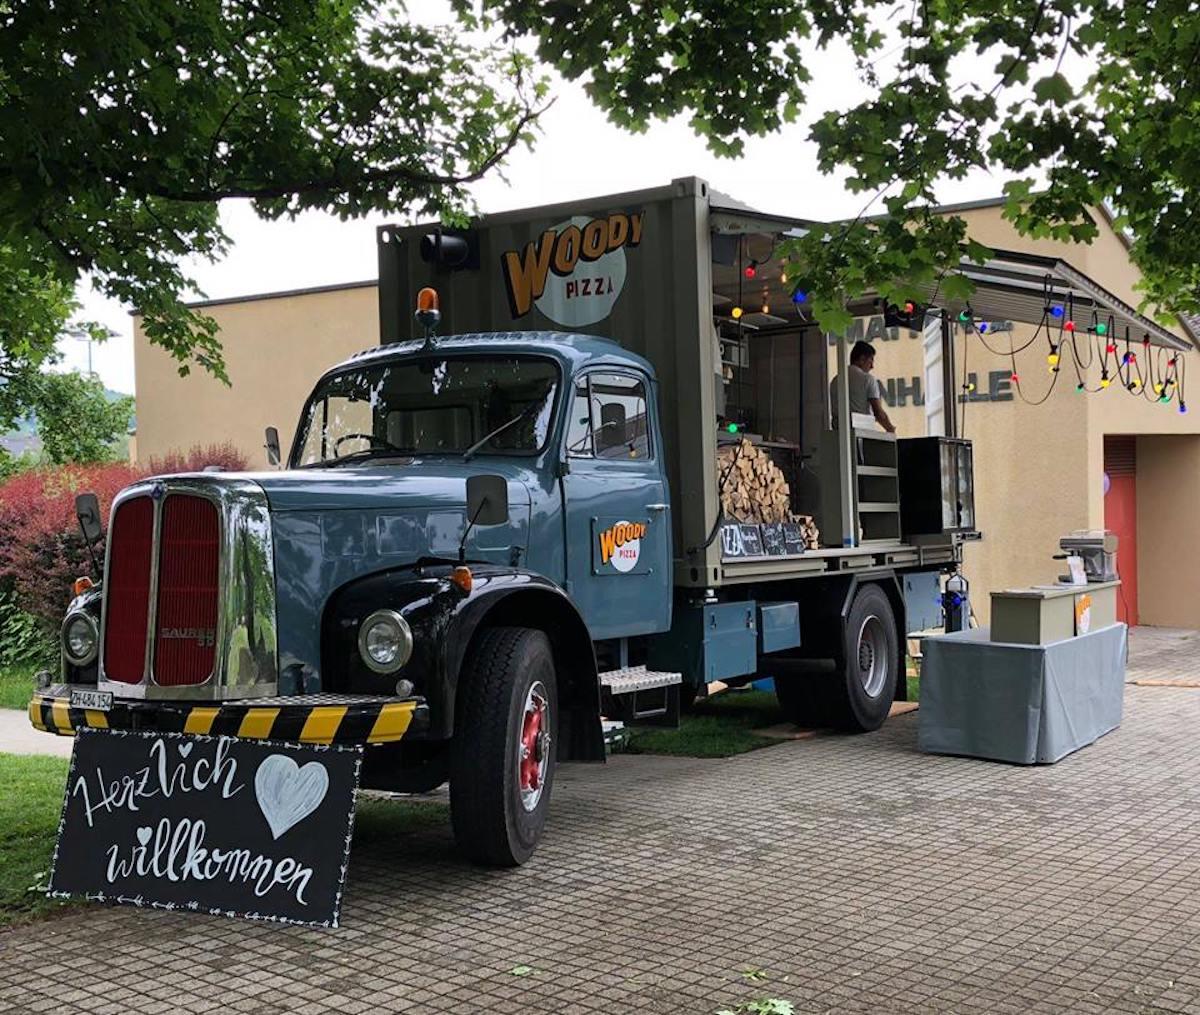 Als Basis für den Foodtruck dient ein alter Saurer-Lastwagen.